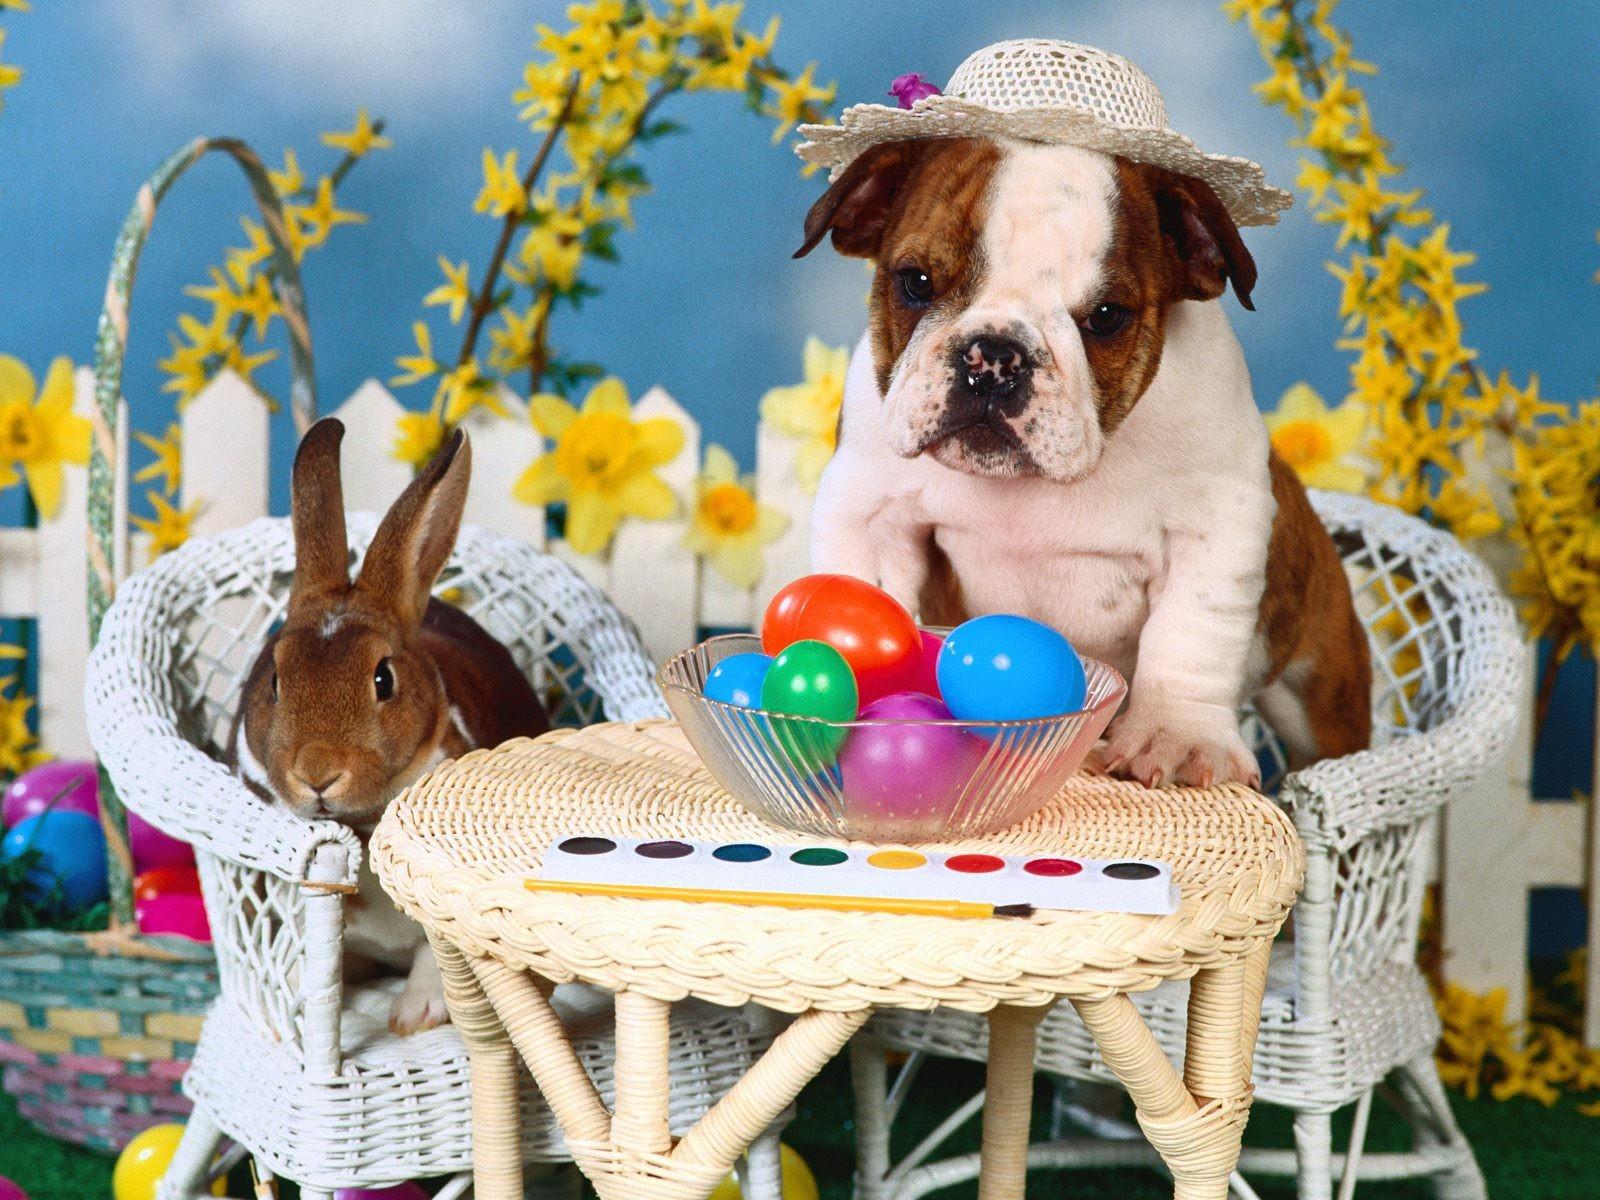 Картинки праздничные с животными, картинка прикольная молодежь